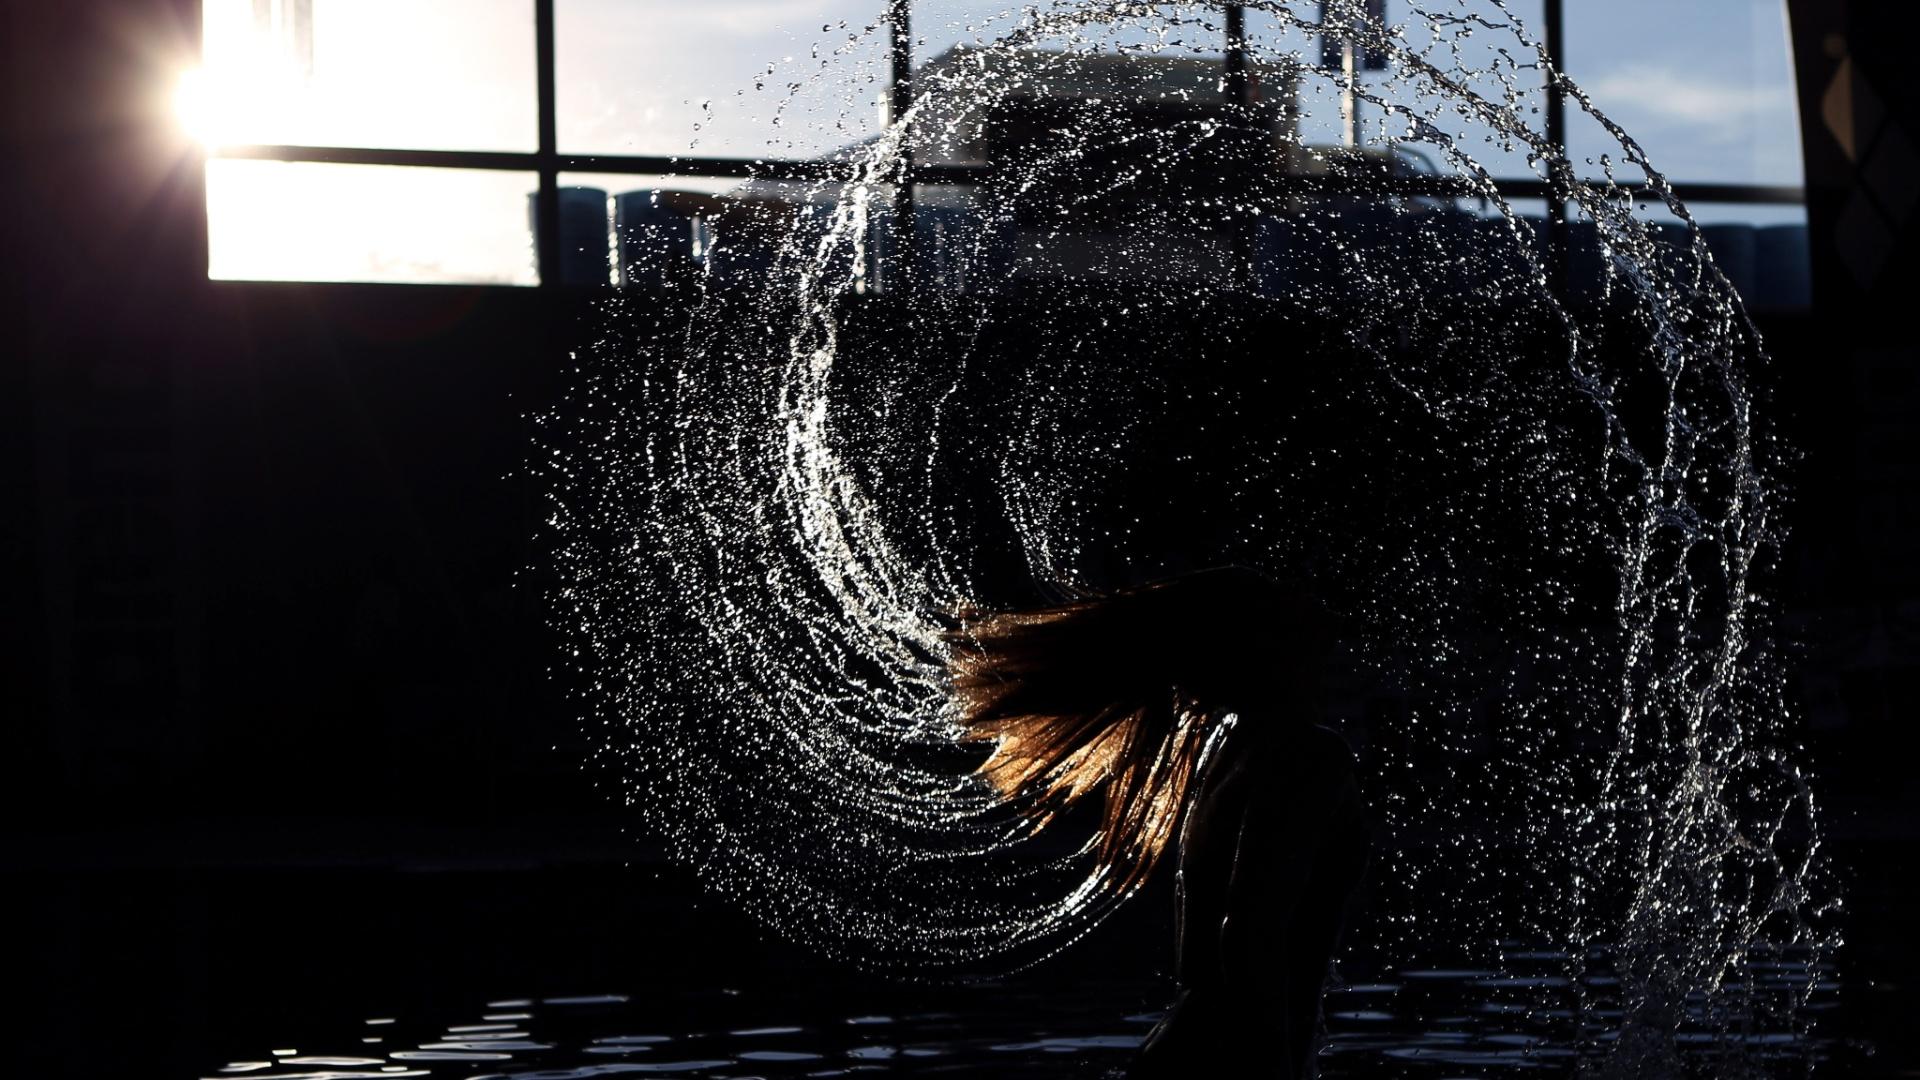 Nadadora norte-americana Michelle McKeehan sacode o cabelo antes do início das competições do quarto dia do Pan